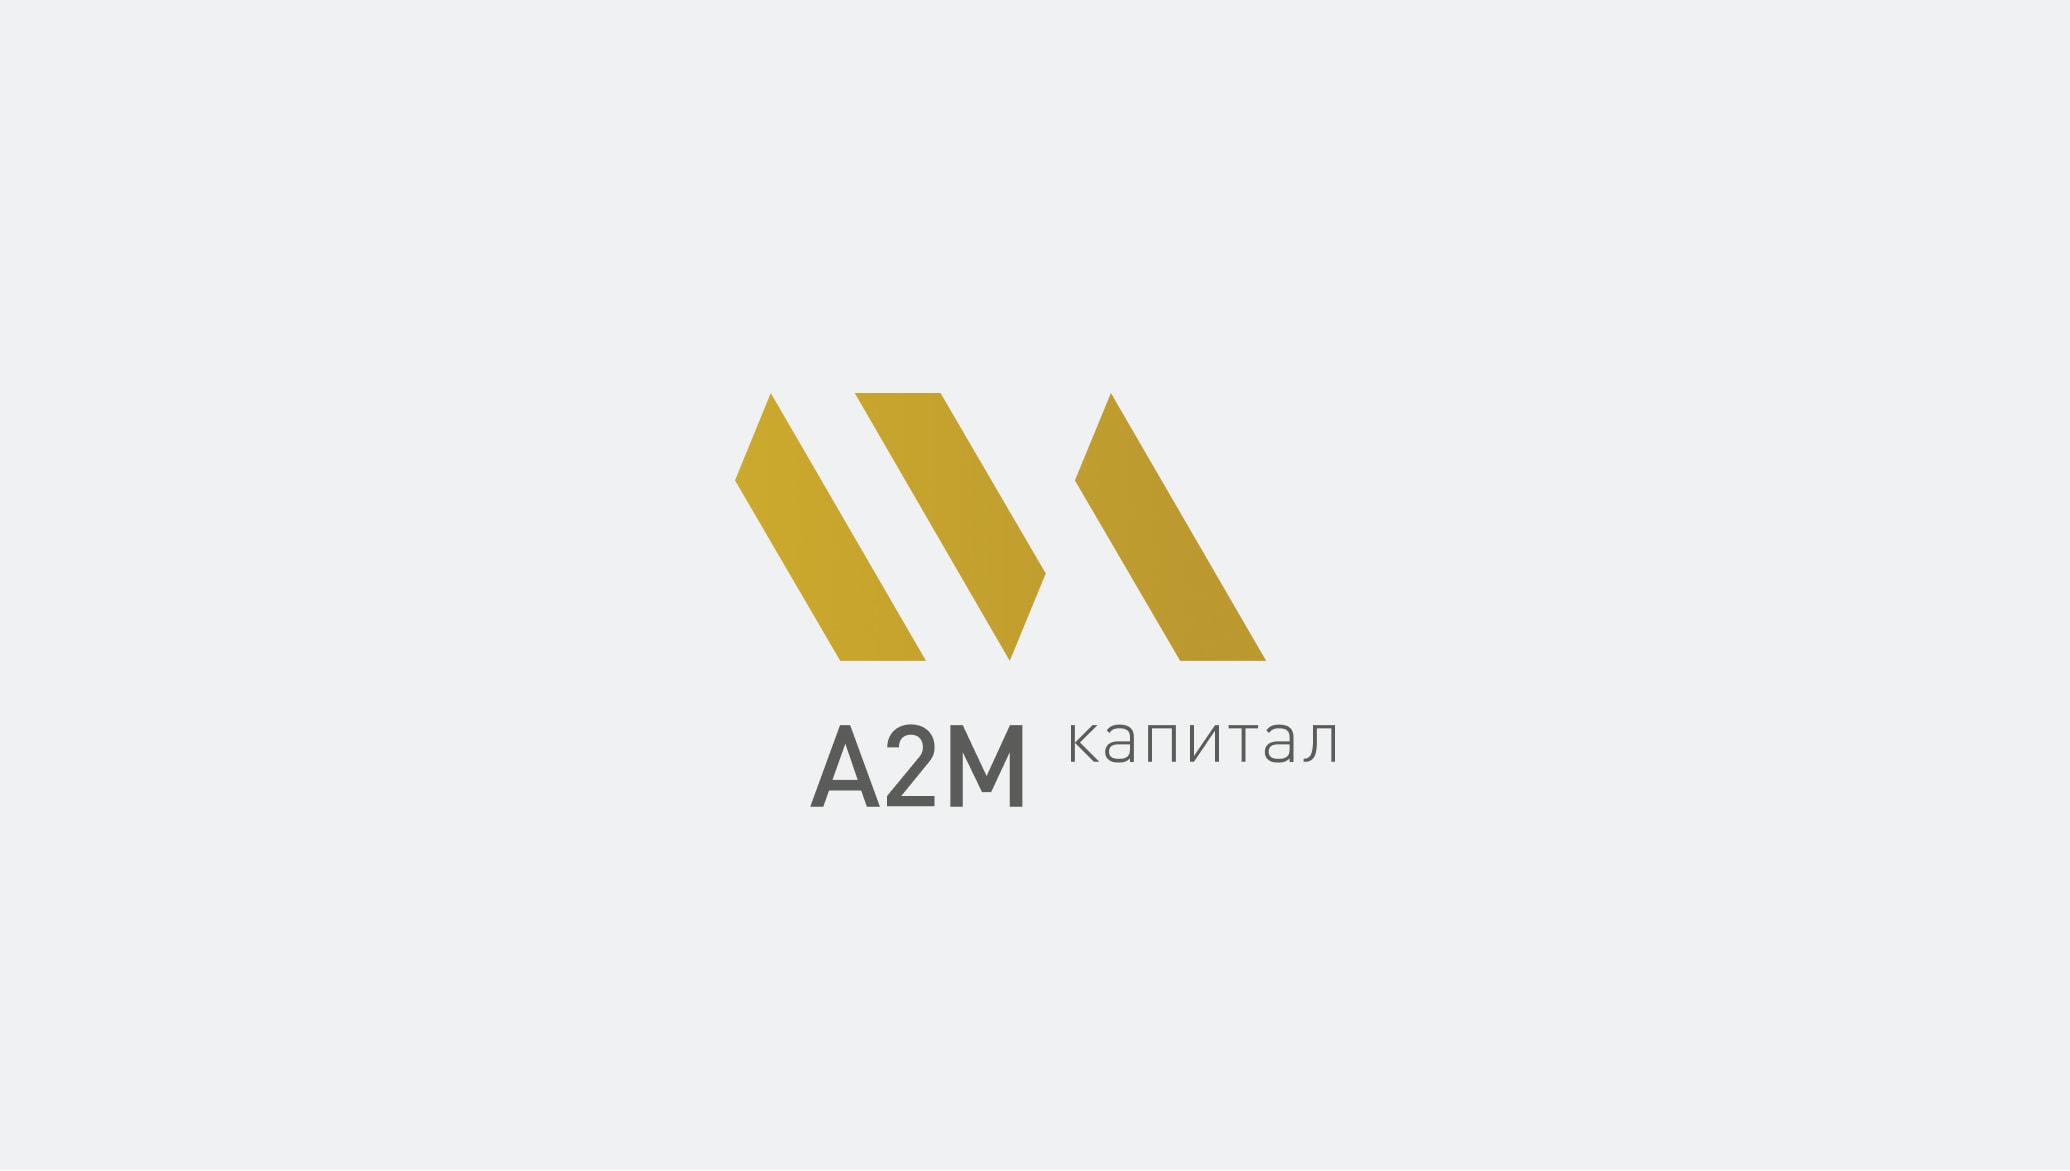 a2m_01-1